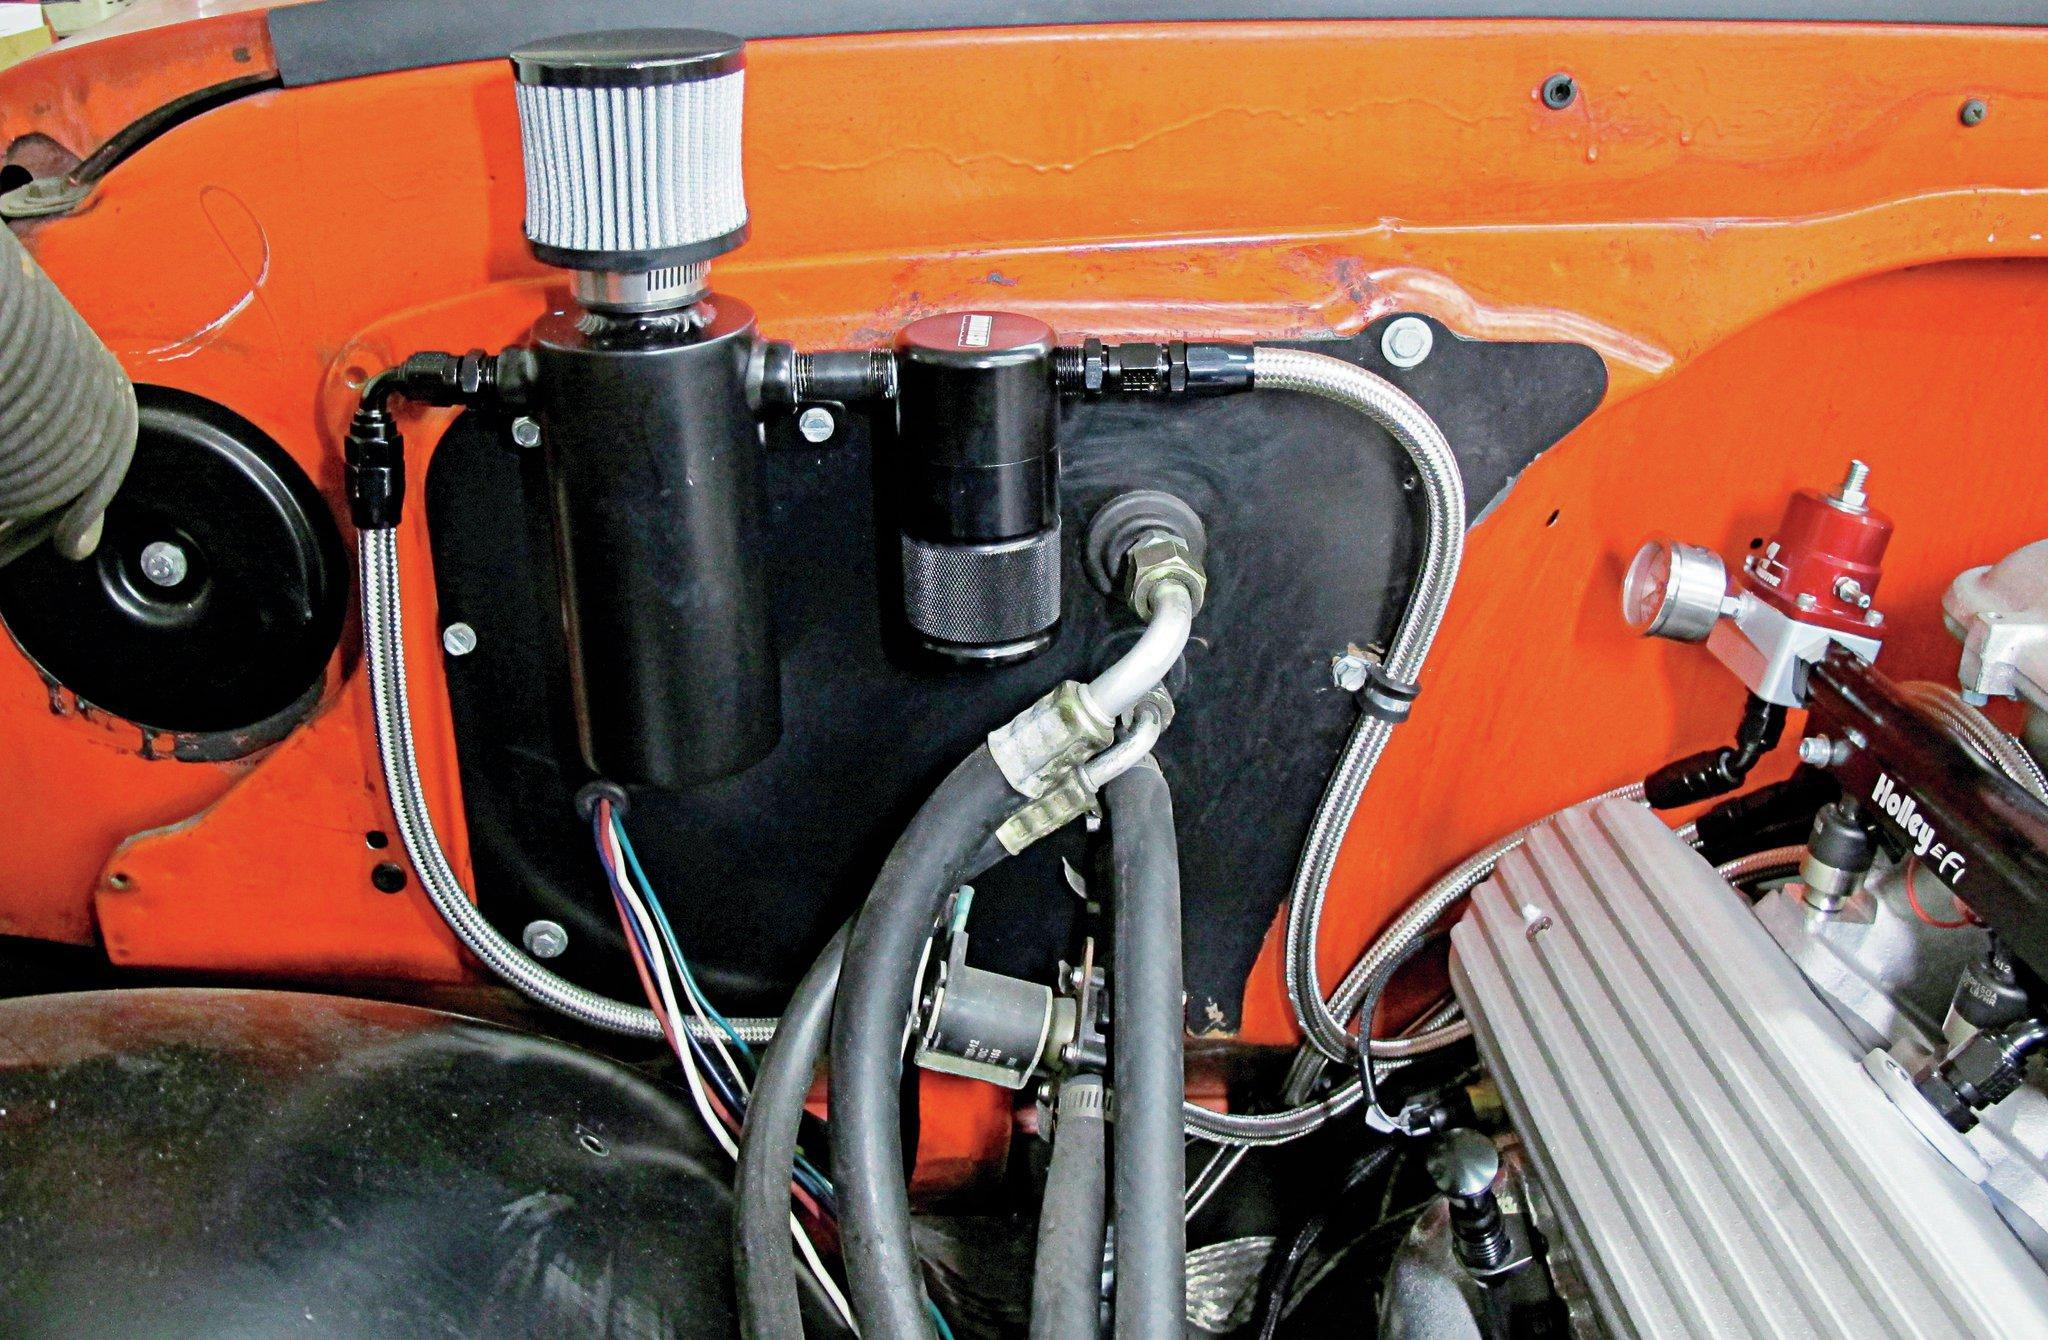 302 V8 Ford Engine Diagram Venting To Cure Crankshaft Pressure Hot Rod Network